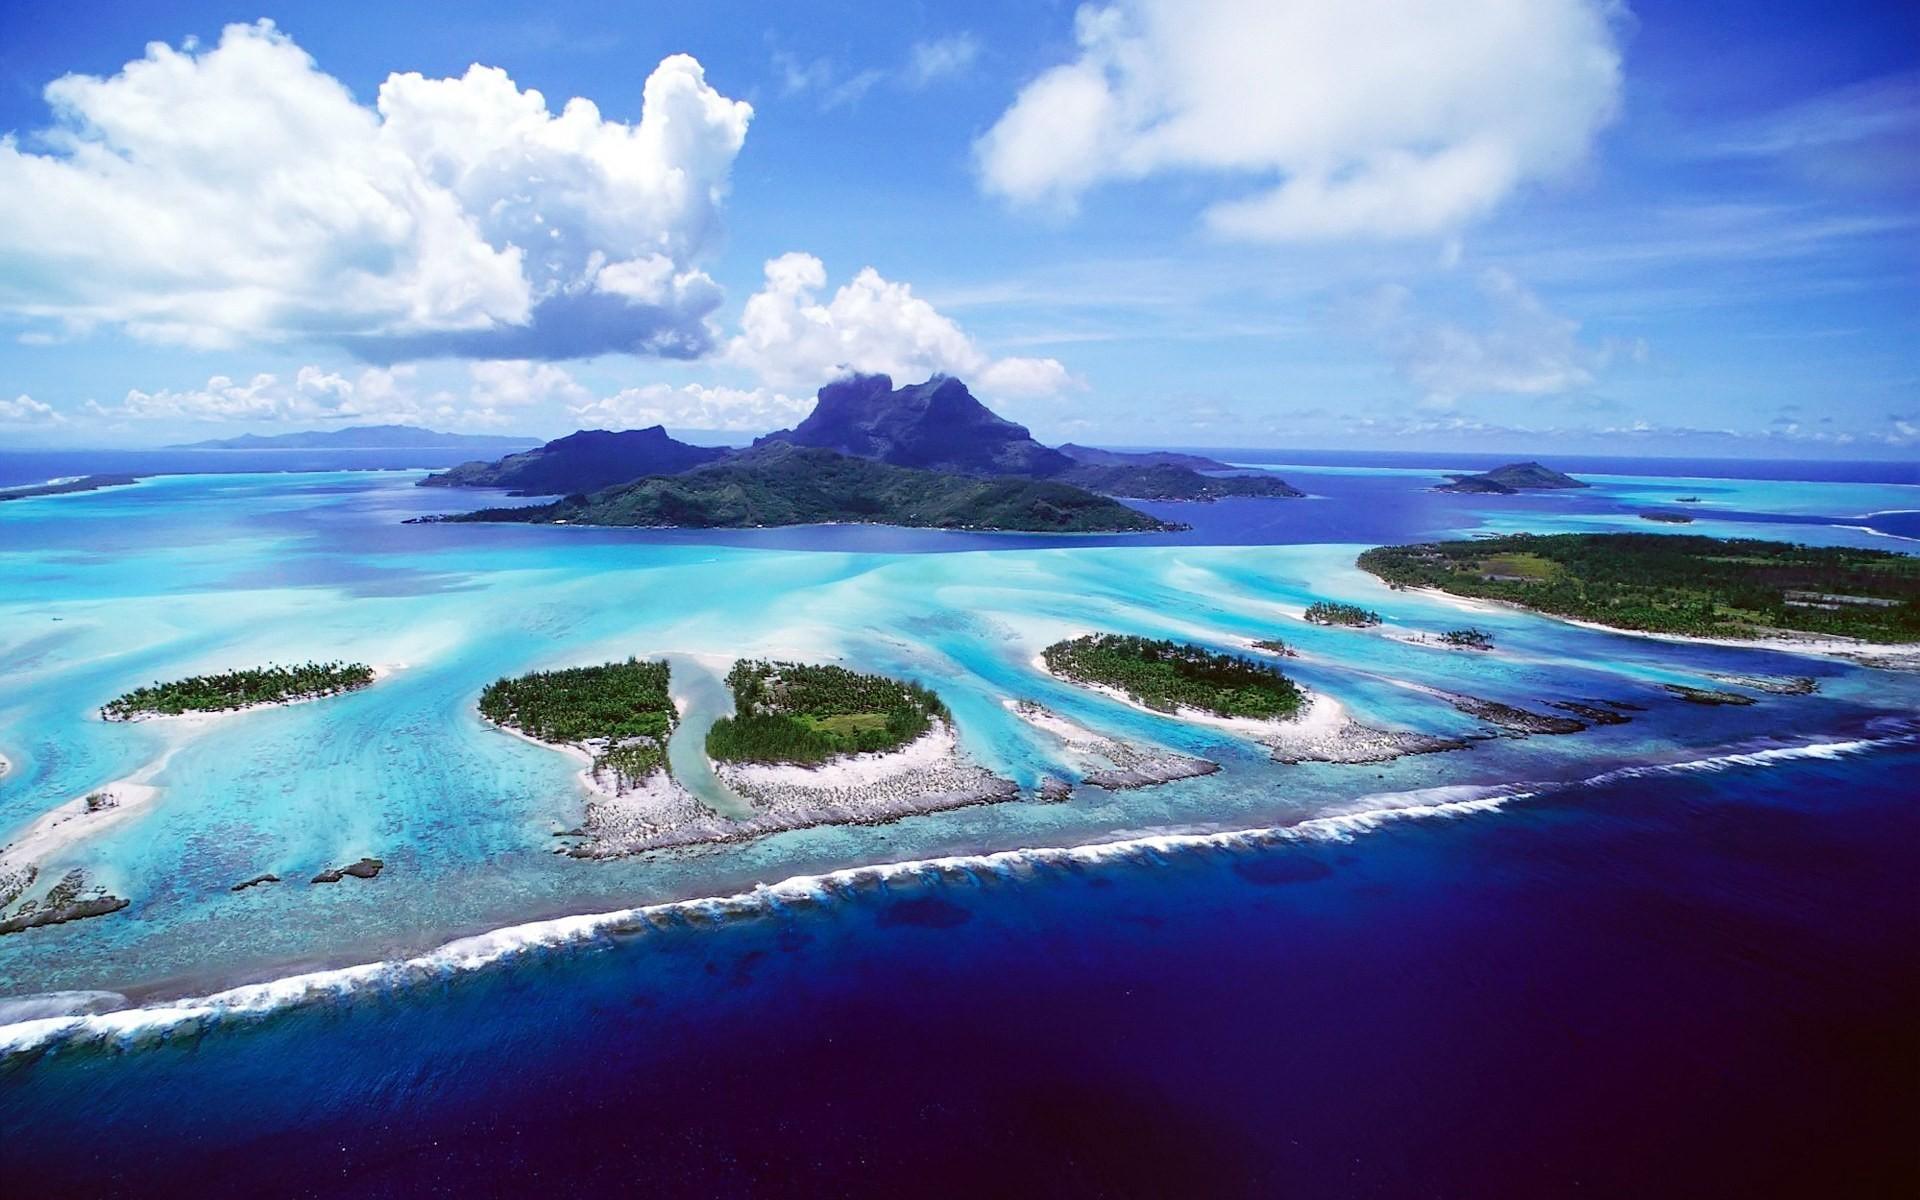 Lagoon, Bora Bora, French Polynesia